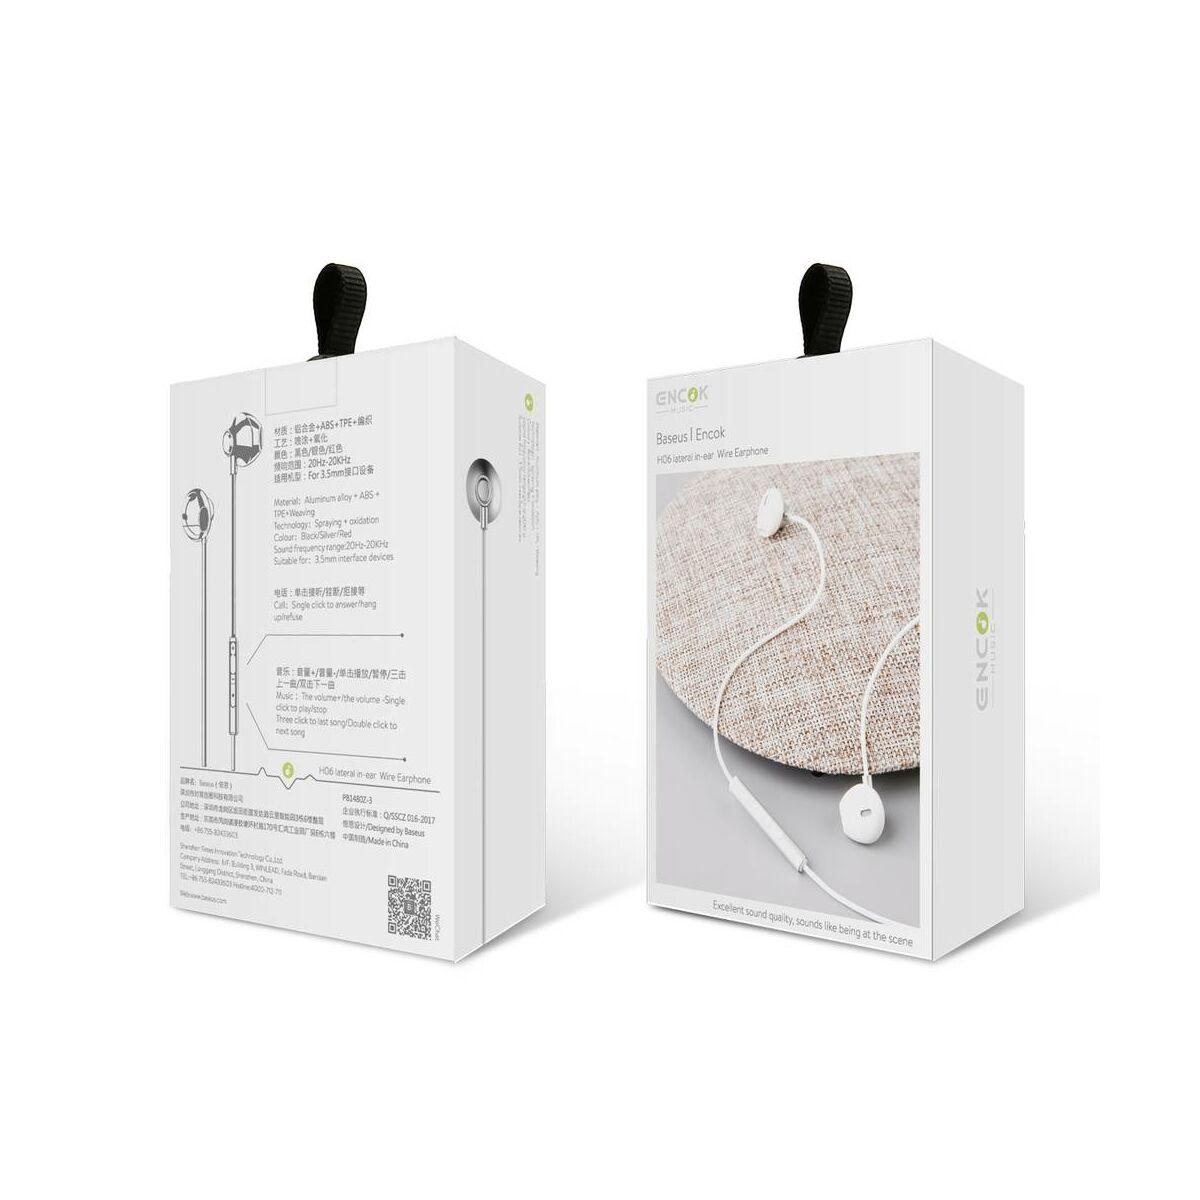 Baseus fülhallgató, Encok H06 lateral-in-ear, mini jack, vezetékes, ezüst (NGH06-0S)